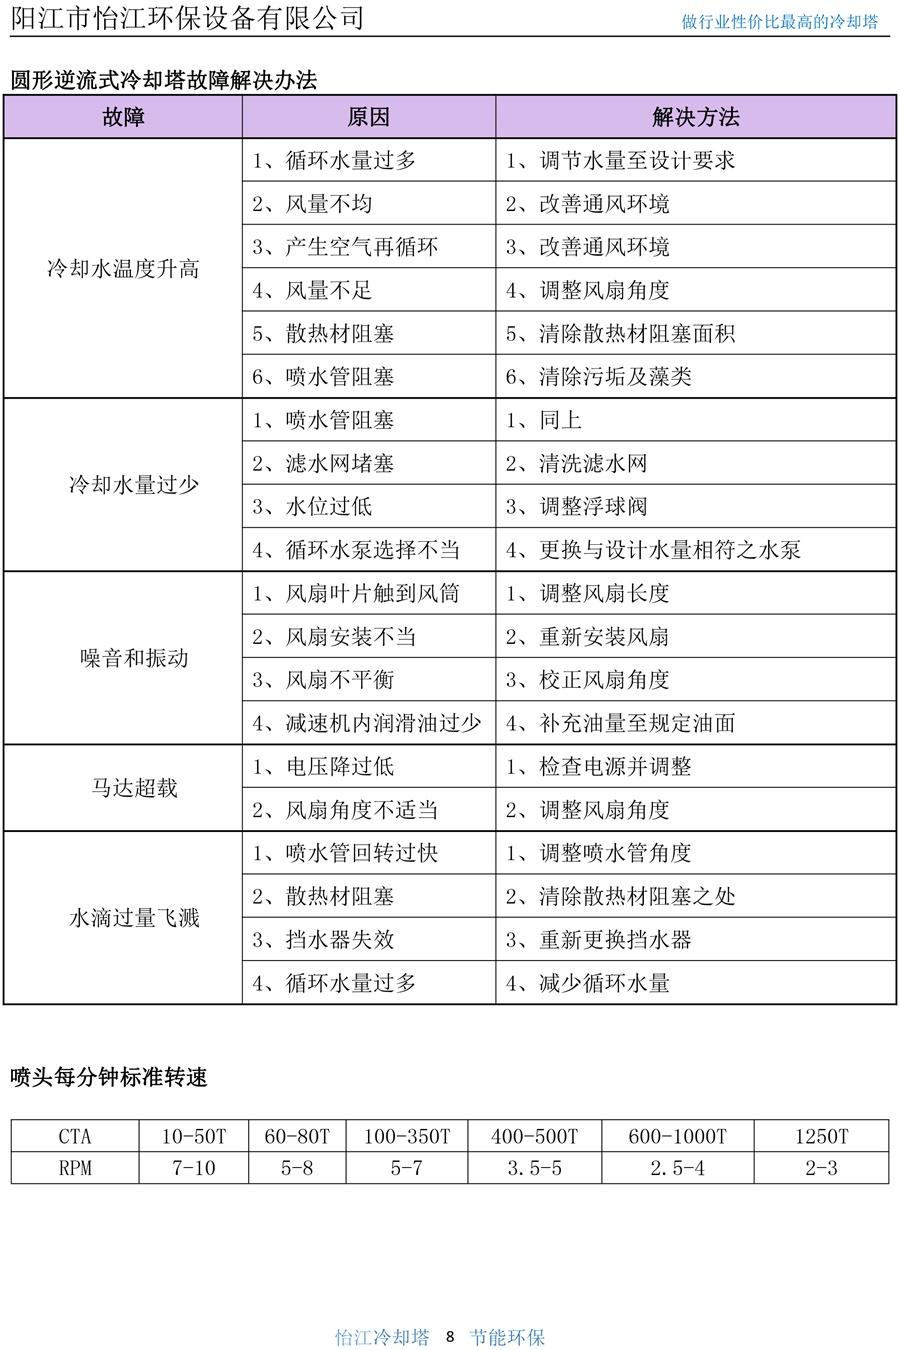 產品手冊(彩頁)3-8.jpg